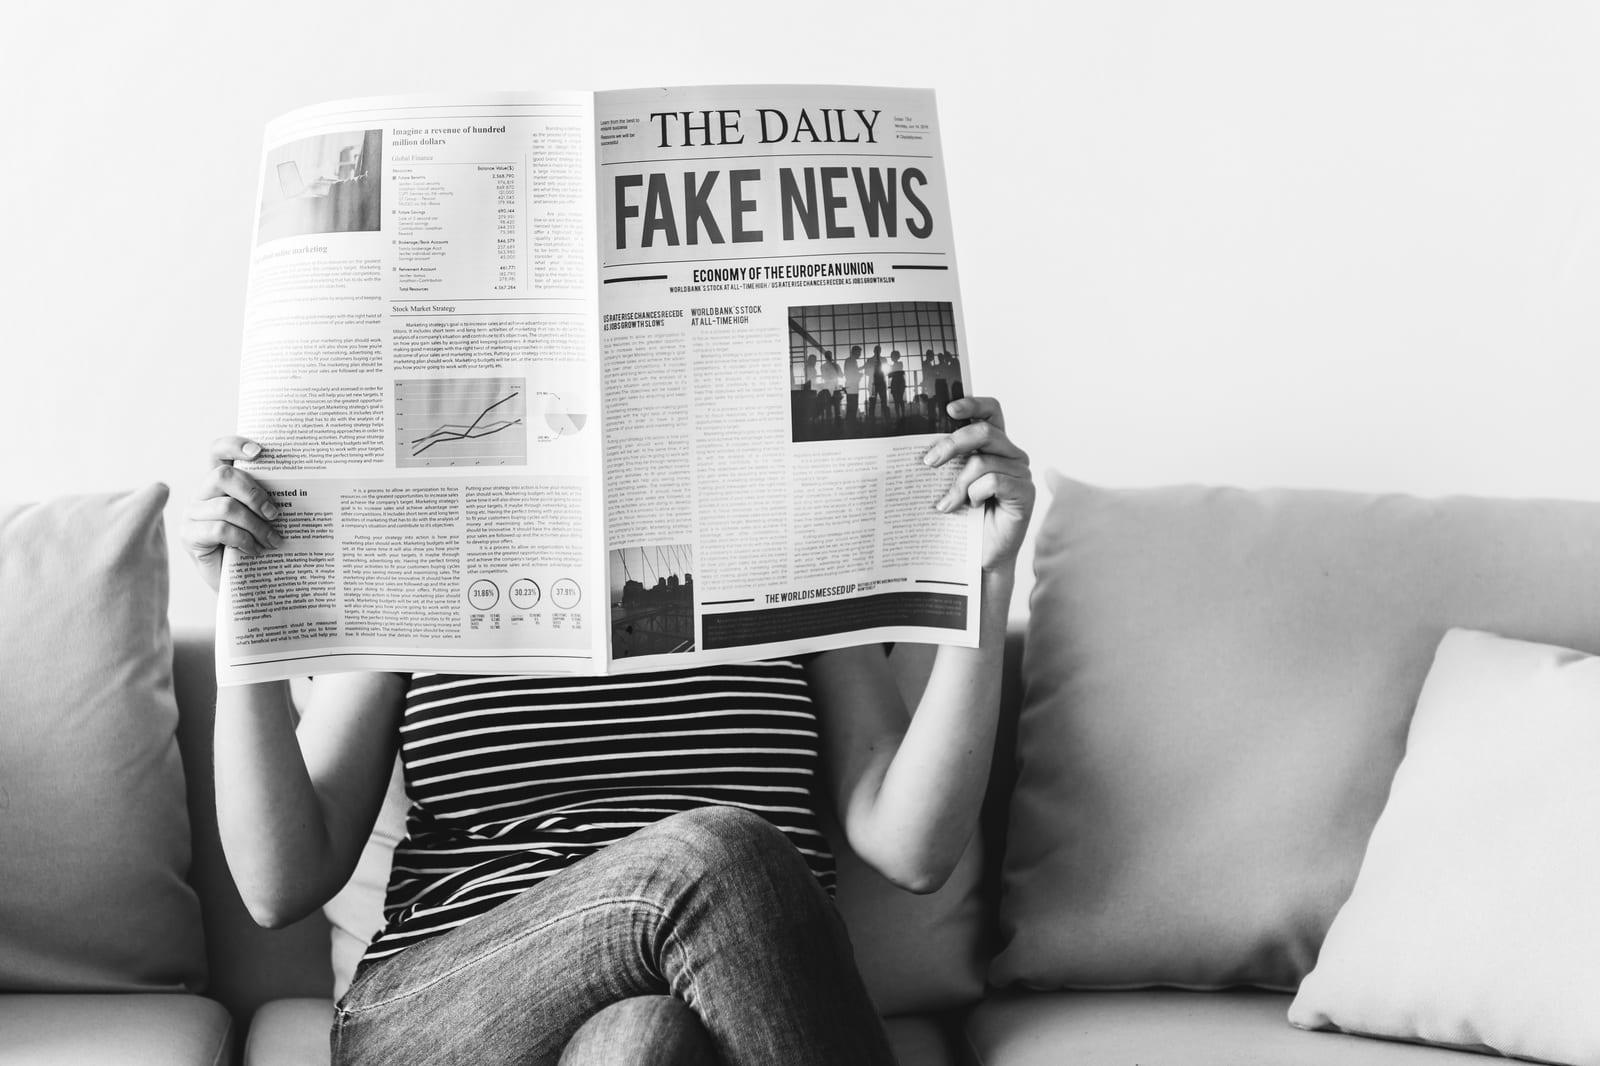 Świat obiegły fake newsy